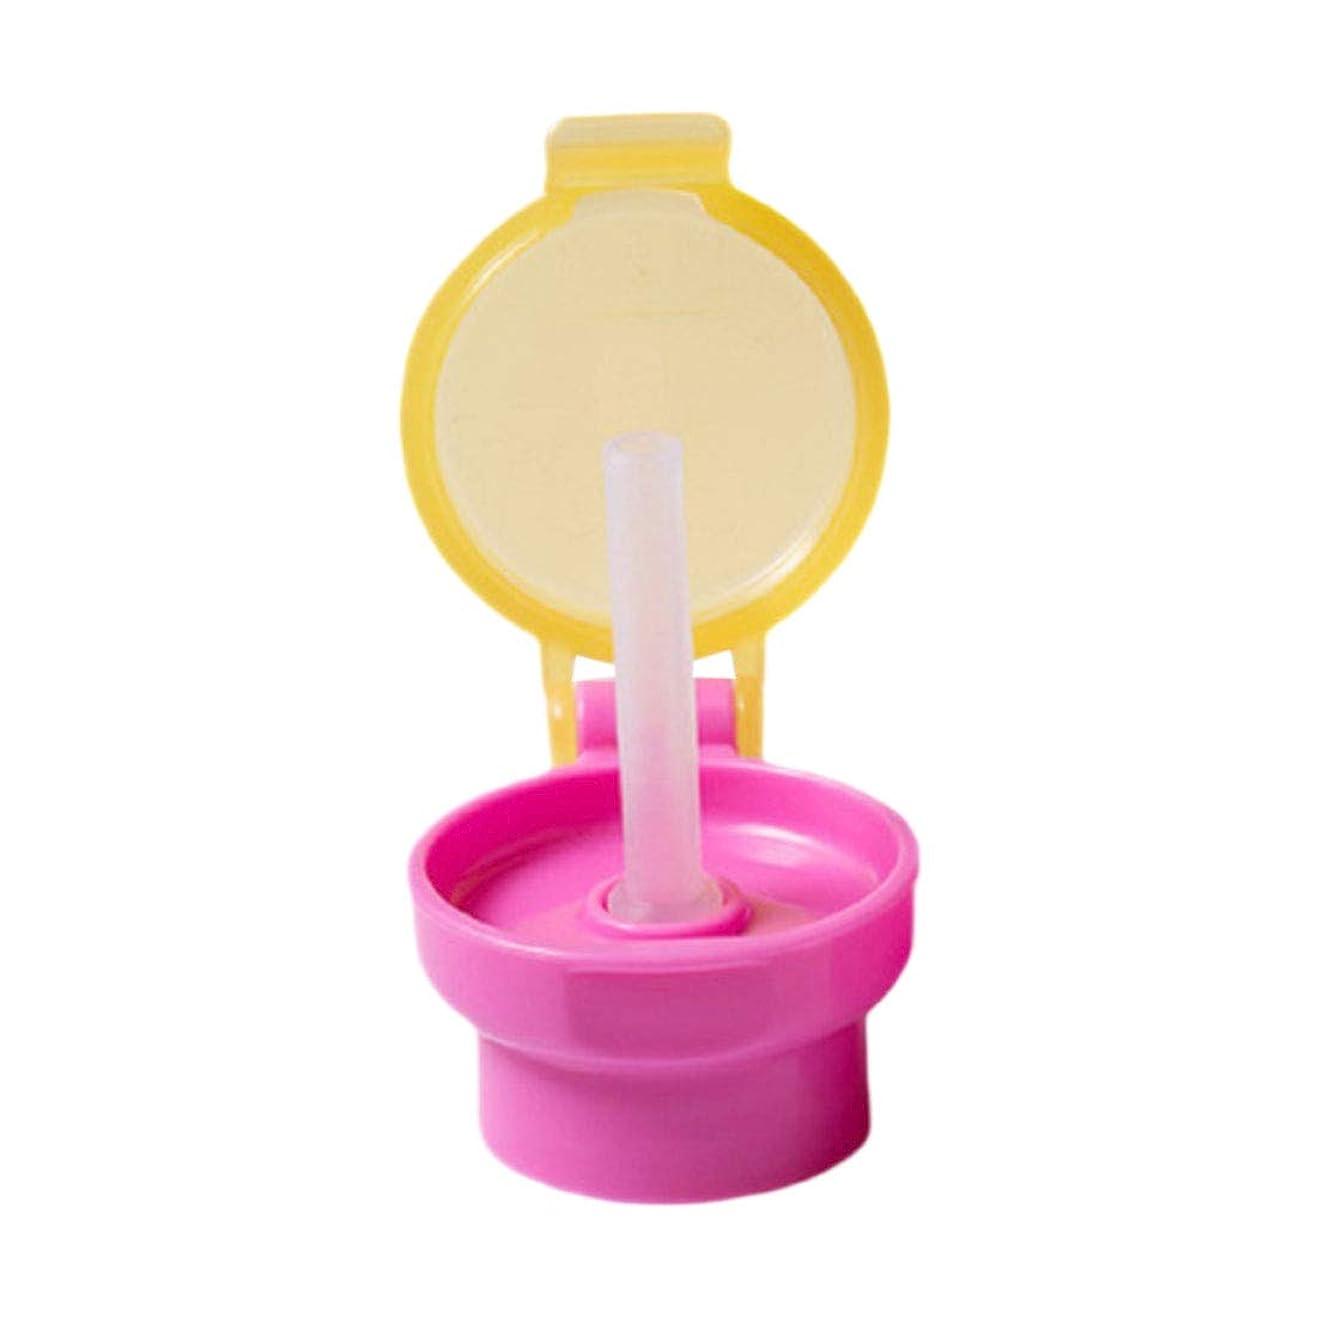 非常に海峡ひも戦士流出なし チョーク かわいい ウォーターボトルアダプター キャップ付き チューブ 幼児用 ストロー 子供キッド 簡単 ポータブル 衛生 ドリンクフィーダー 直径2.7cmの飲料ボトルに対応